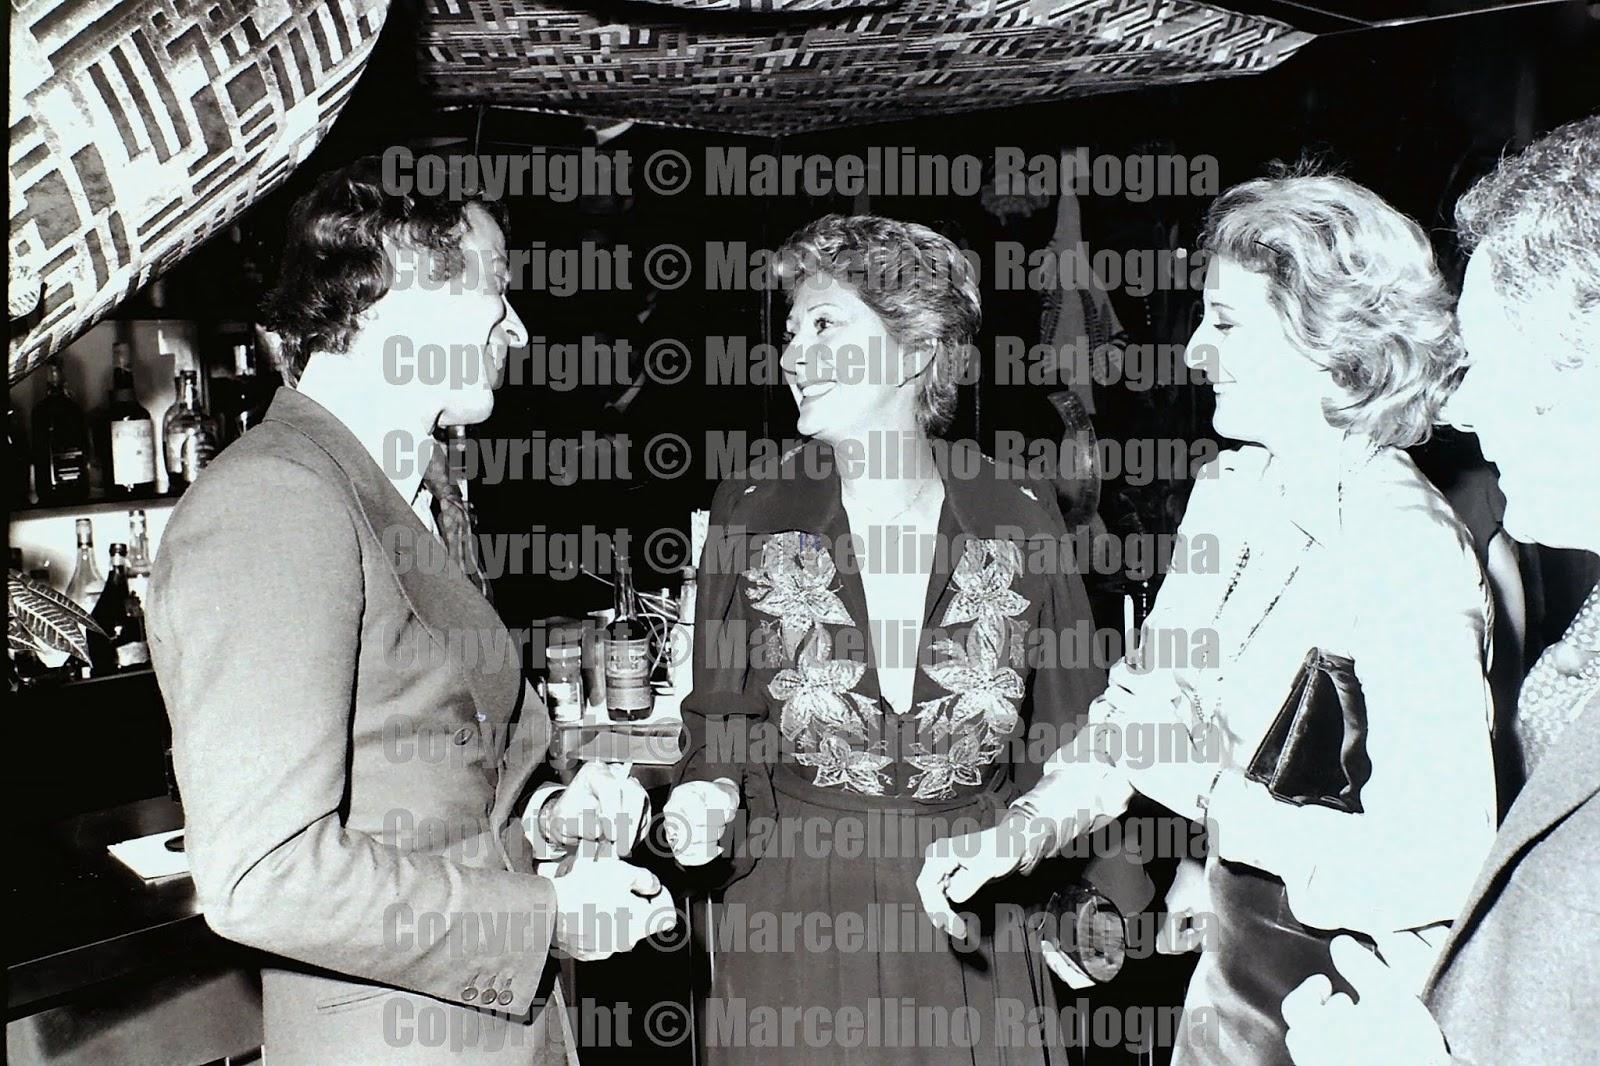 Marcellino Radogna - Fotonotizie per la stampa: Franco Califano e Carla Da  Zara con la figlia Maura